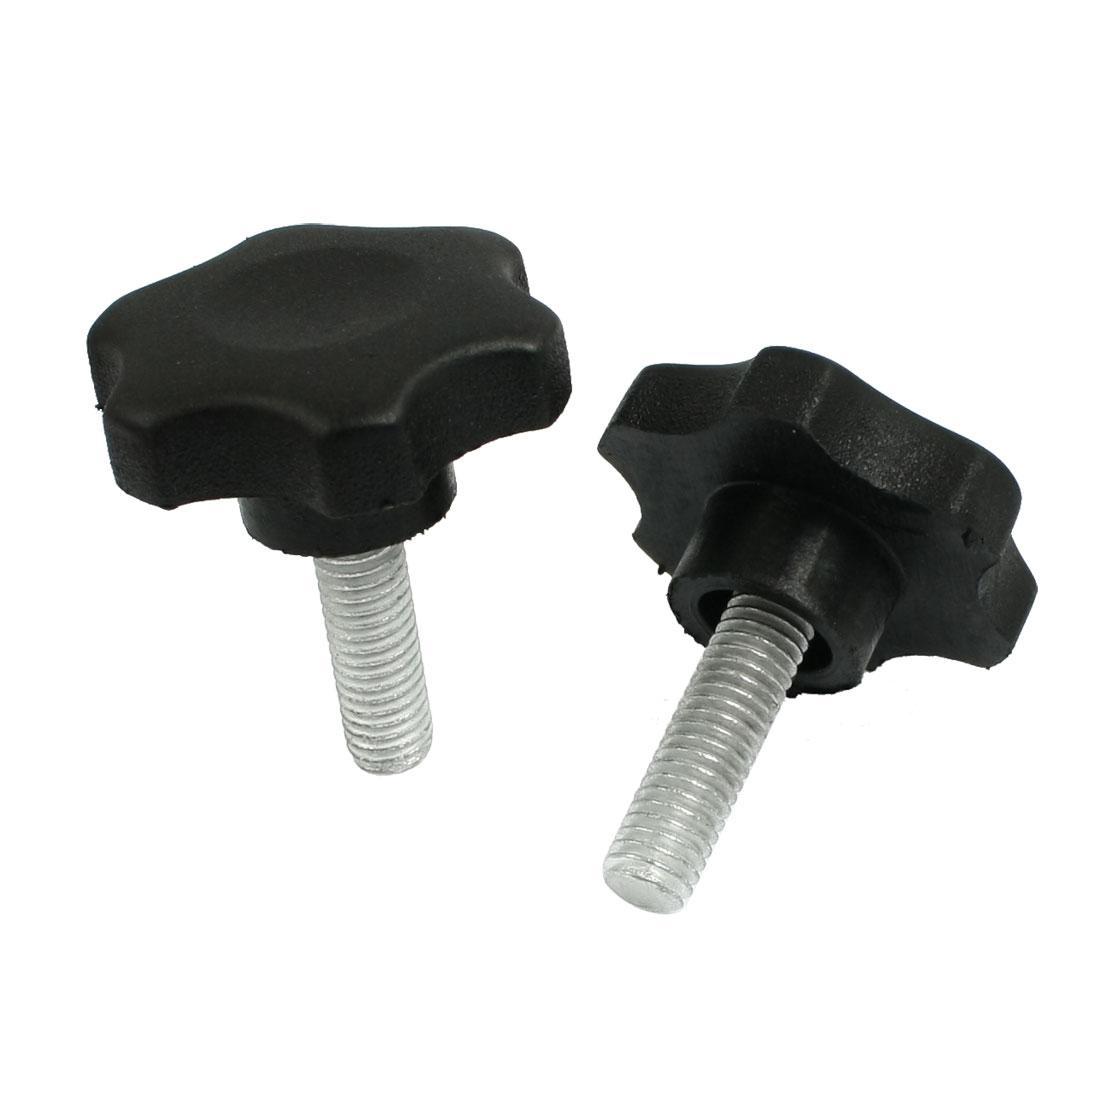 2 Pcs M8 x 20mm Male Thread 40mm Star Head Clamping Knob Black